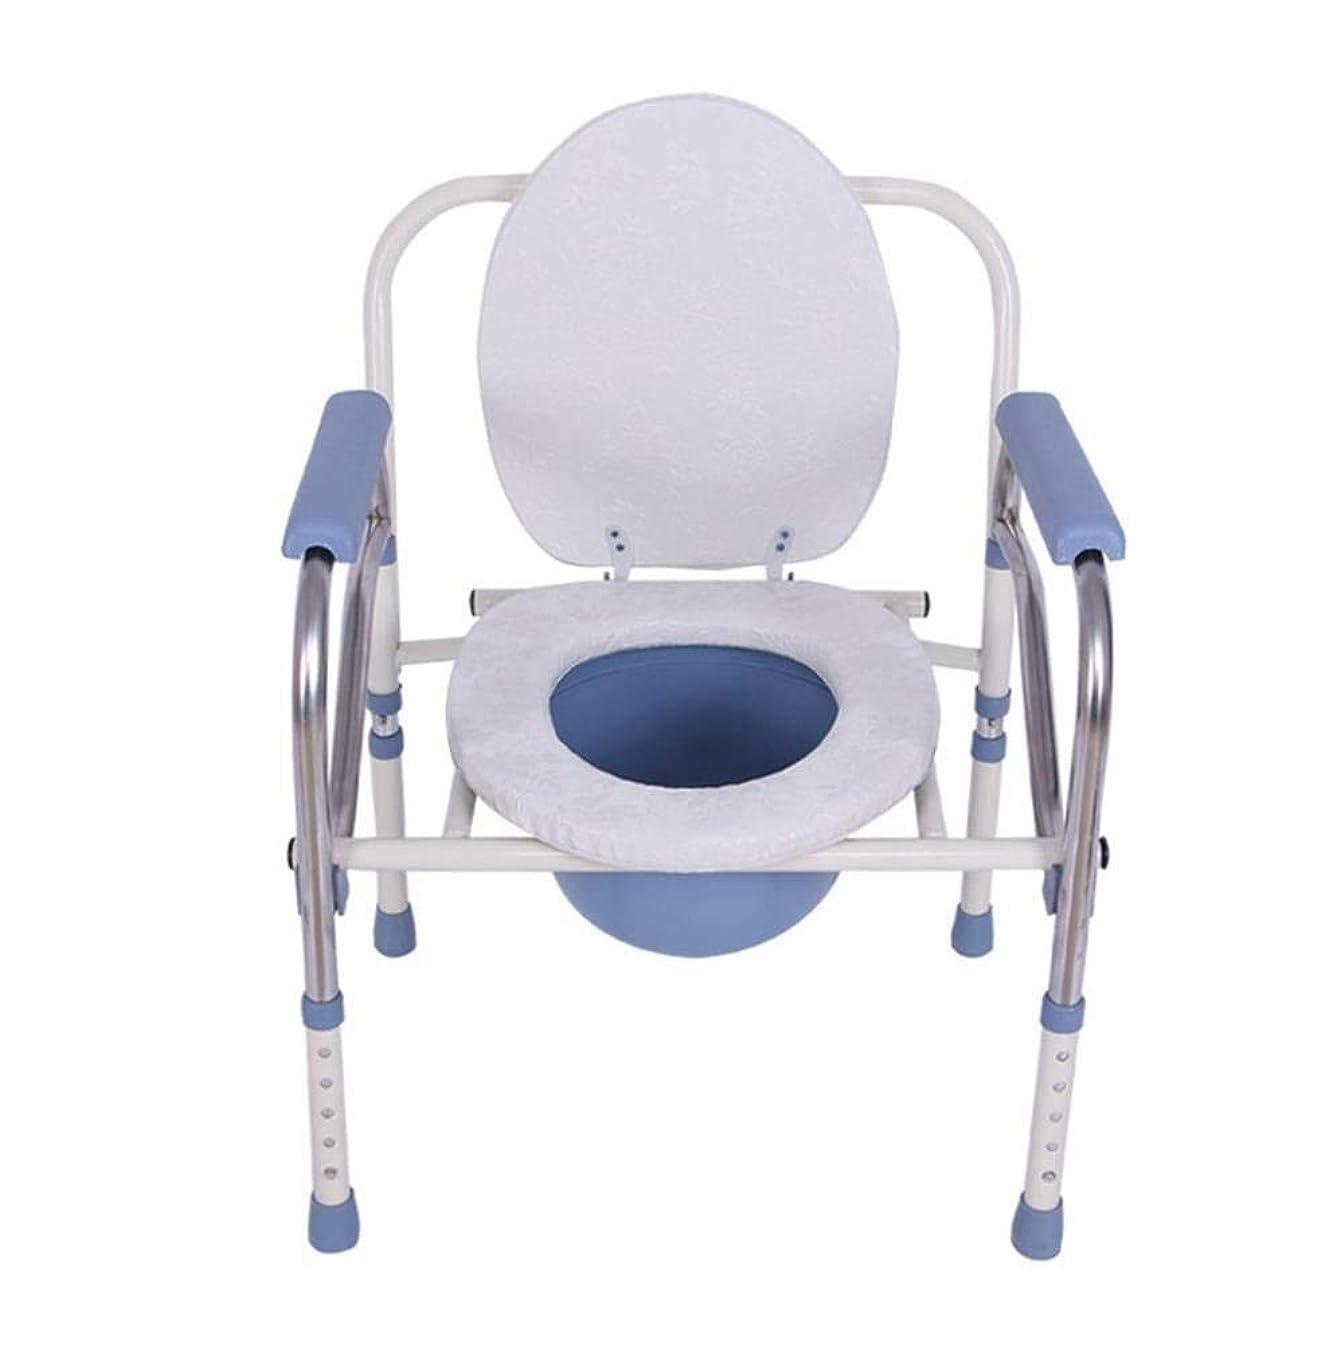 半円無許可誘発する折りたたみ式ベッドサイドside椅子-ステンレススチール製トイレ付き便器バケツ付き高さ調節可能な妊婦用トイレスツール